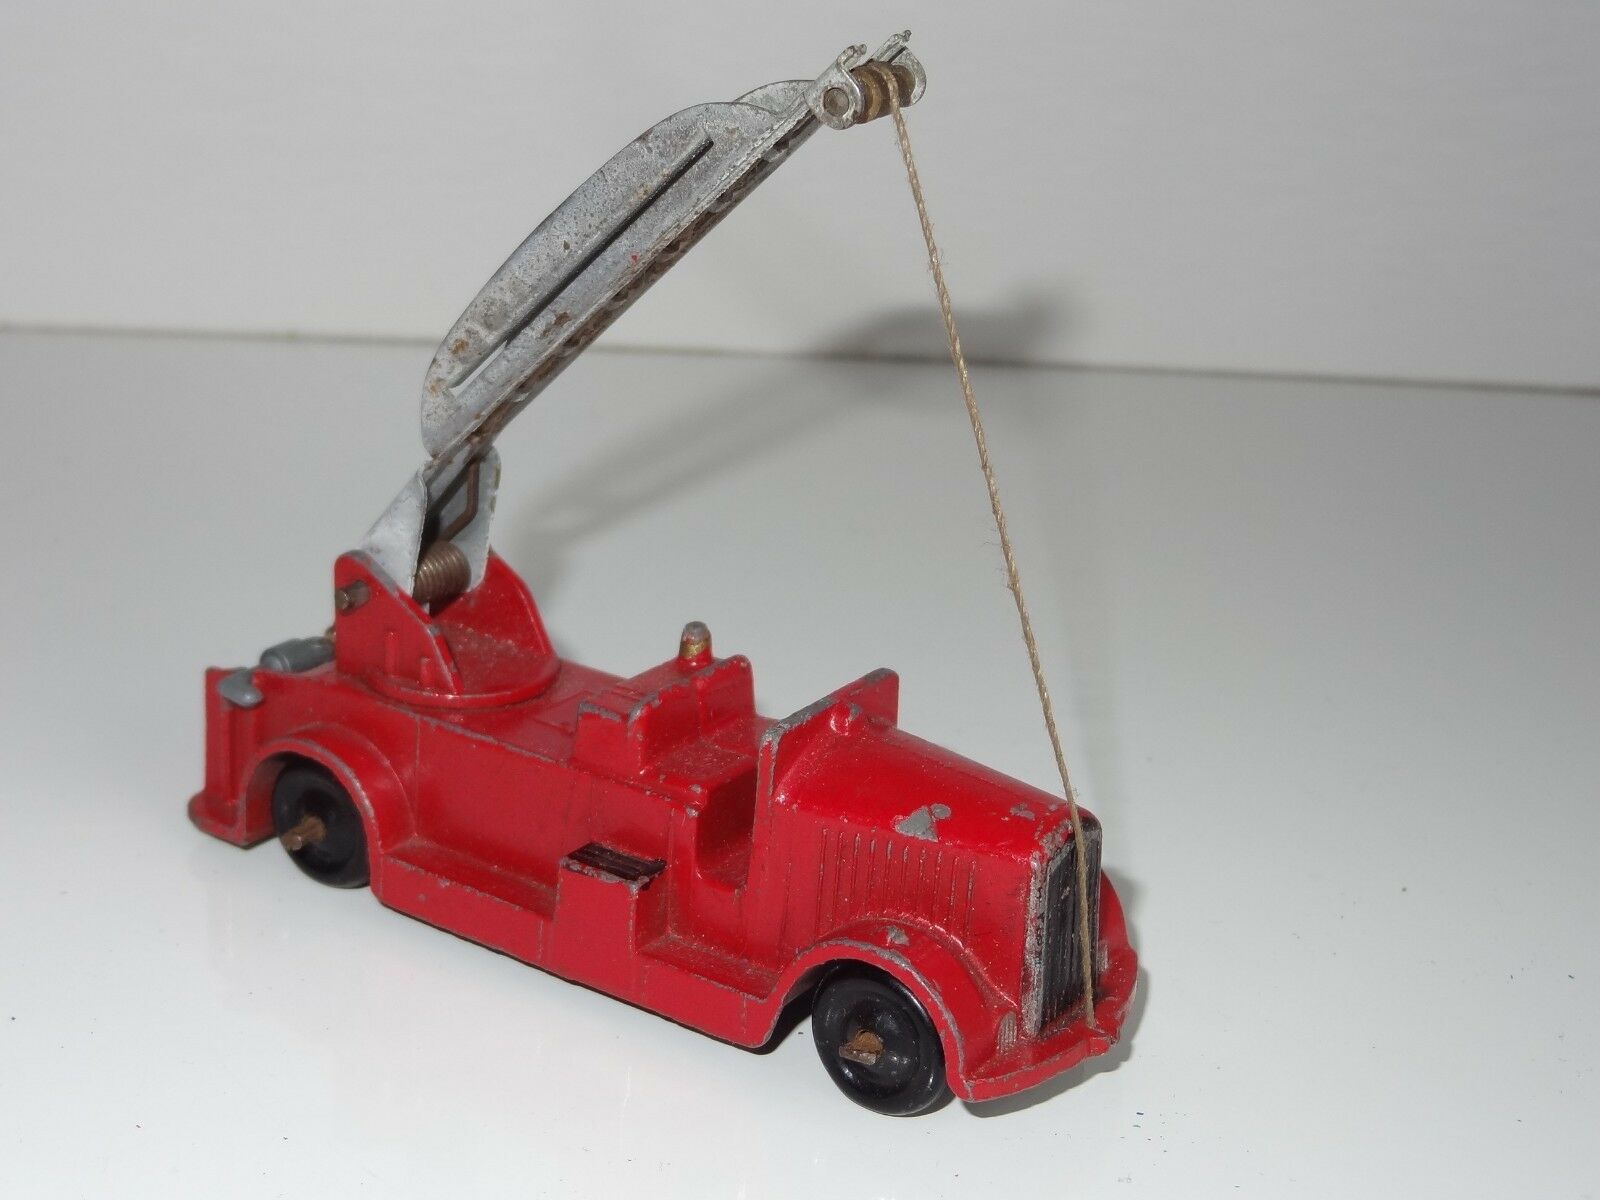 DCMT Crescent Fire Engine c1949 - 1221